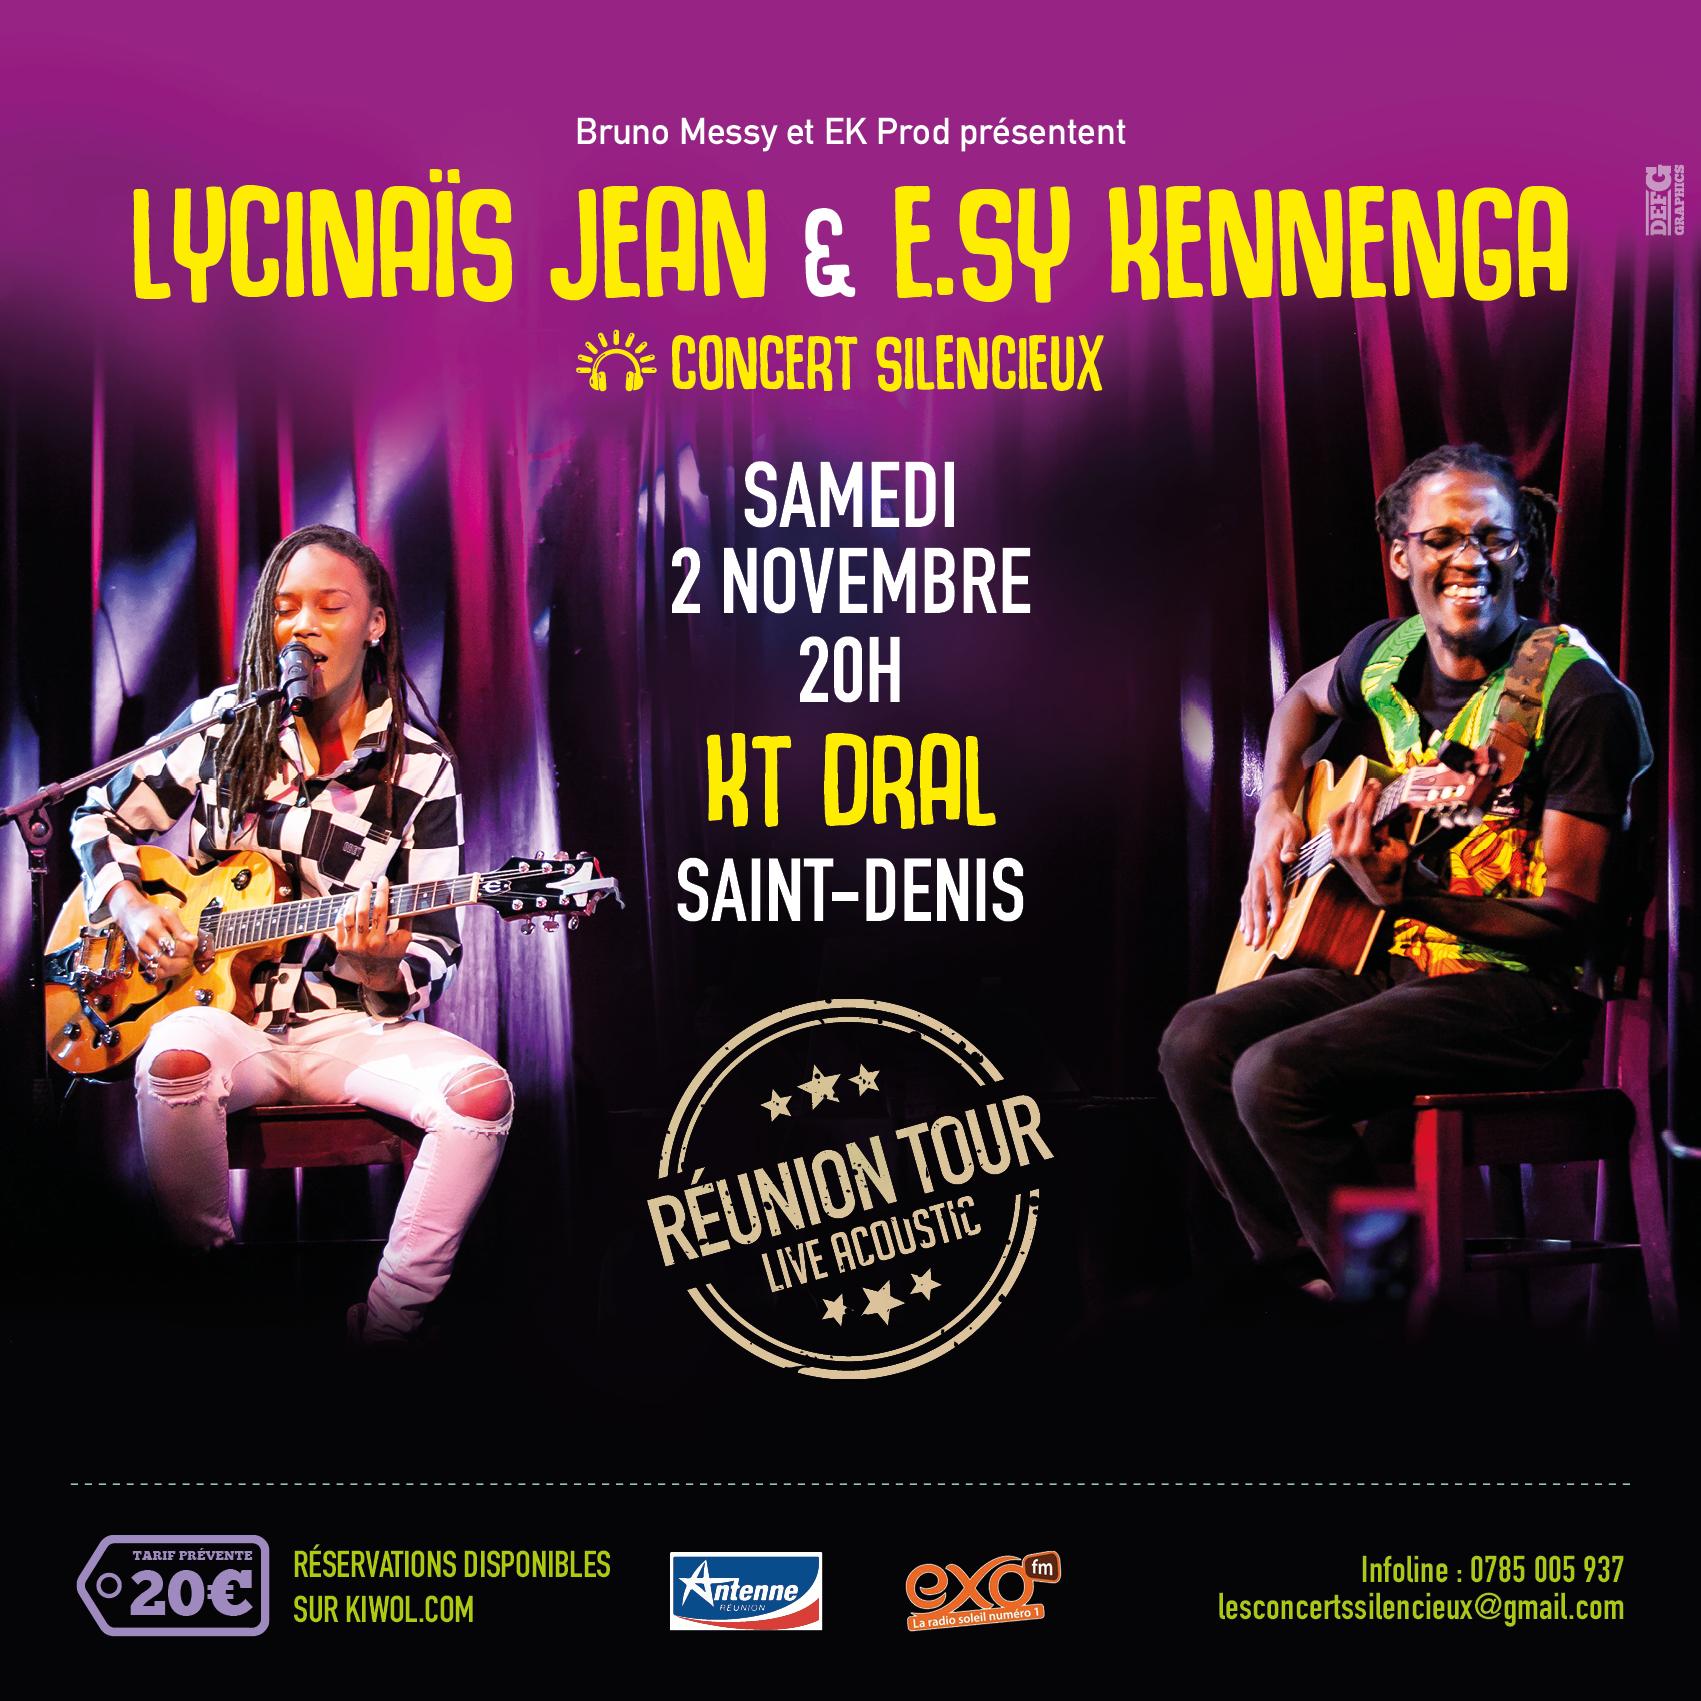 LYCINAÏS JEAN & E.SY KENNENGA -En DUO - Concert Live Acoustique - (Silencieux) – a SAINT DENIS à La REUNION